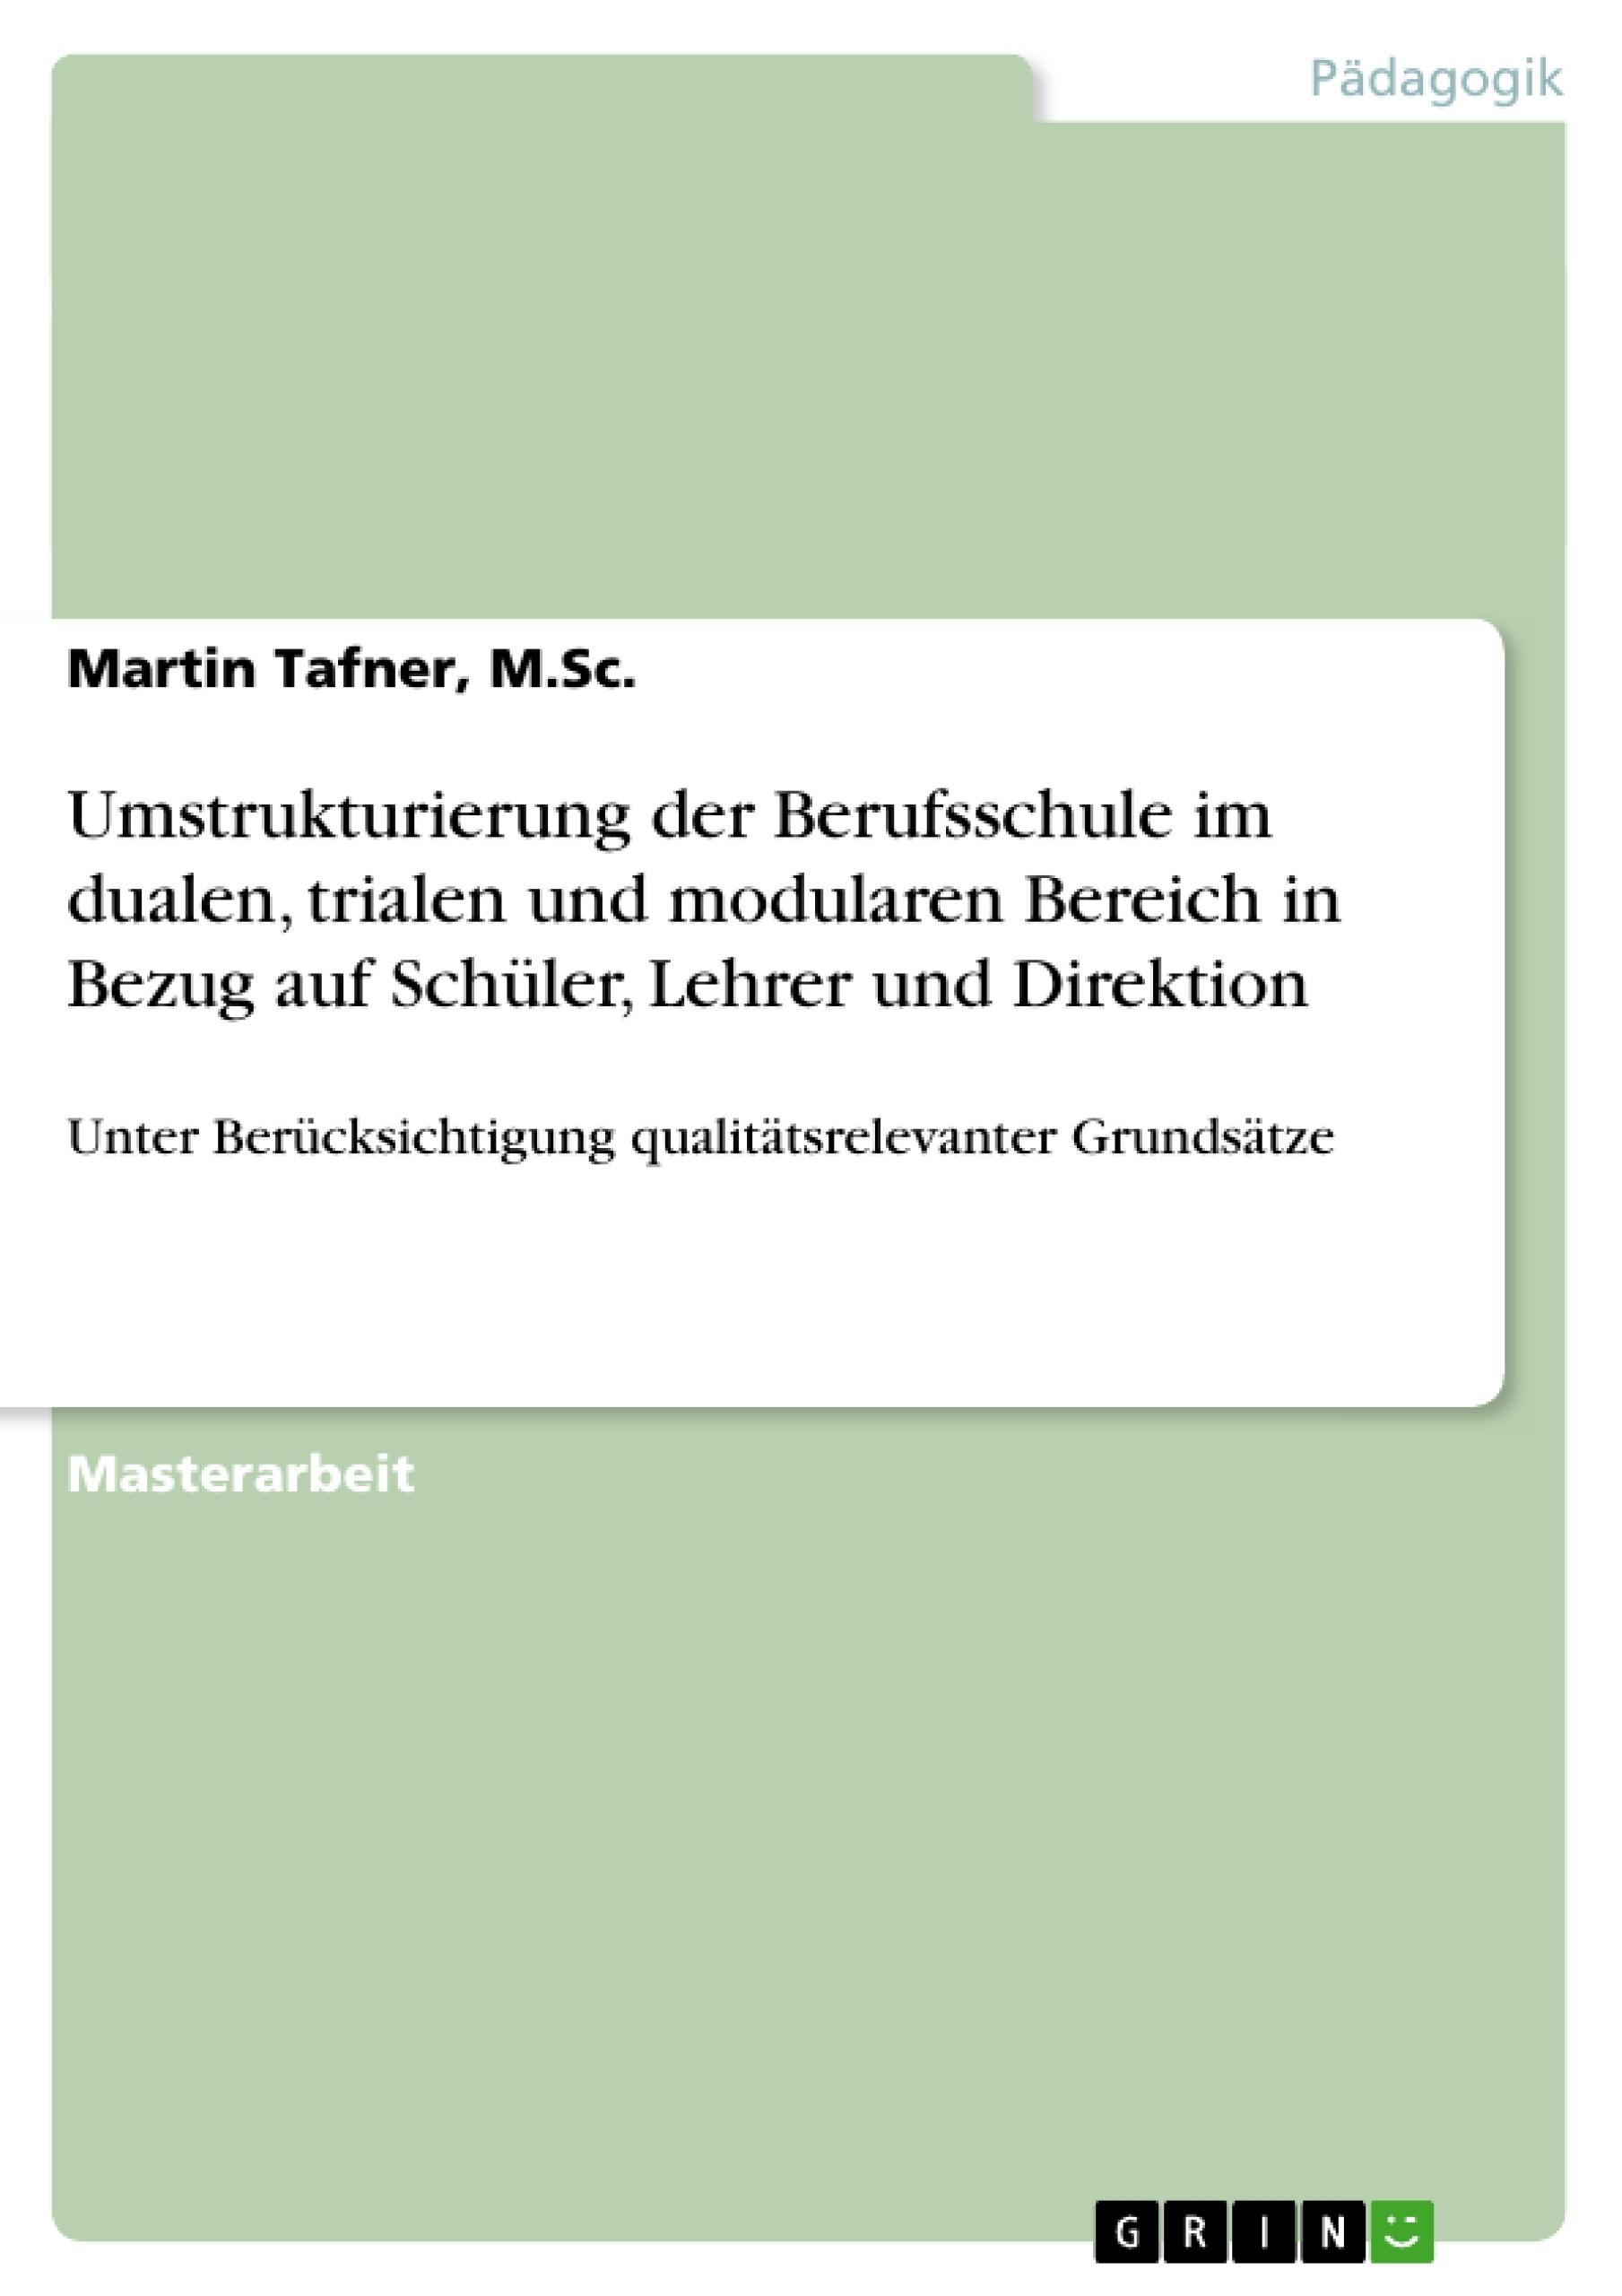 Titel: Umstrukturierung der Berufsschule im dualen, trialen und modularen Bereich in Bezug auf Schüler, Lehrer und Direktion